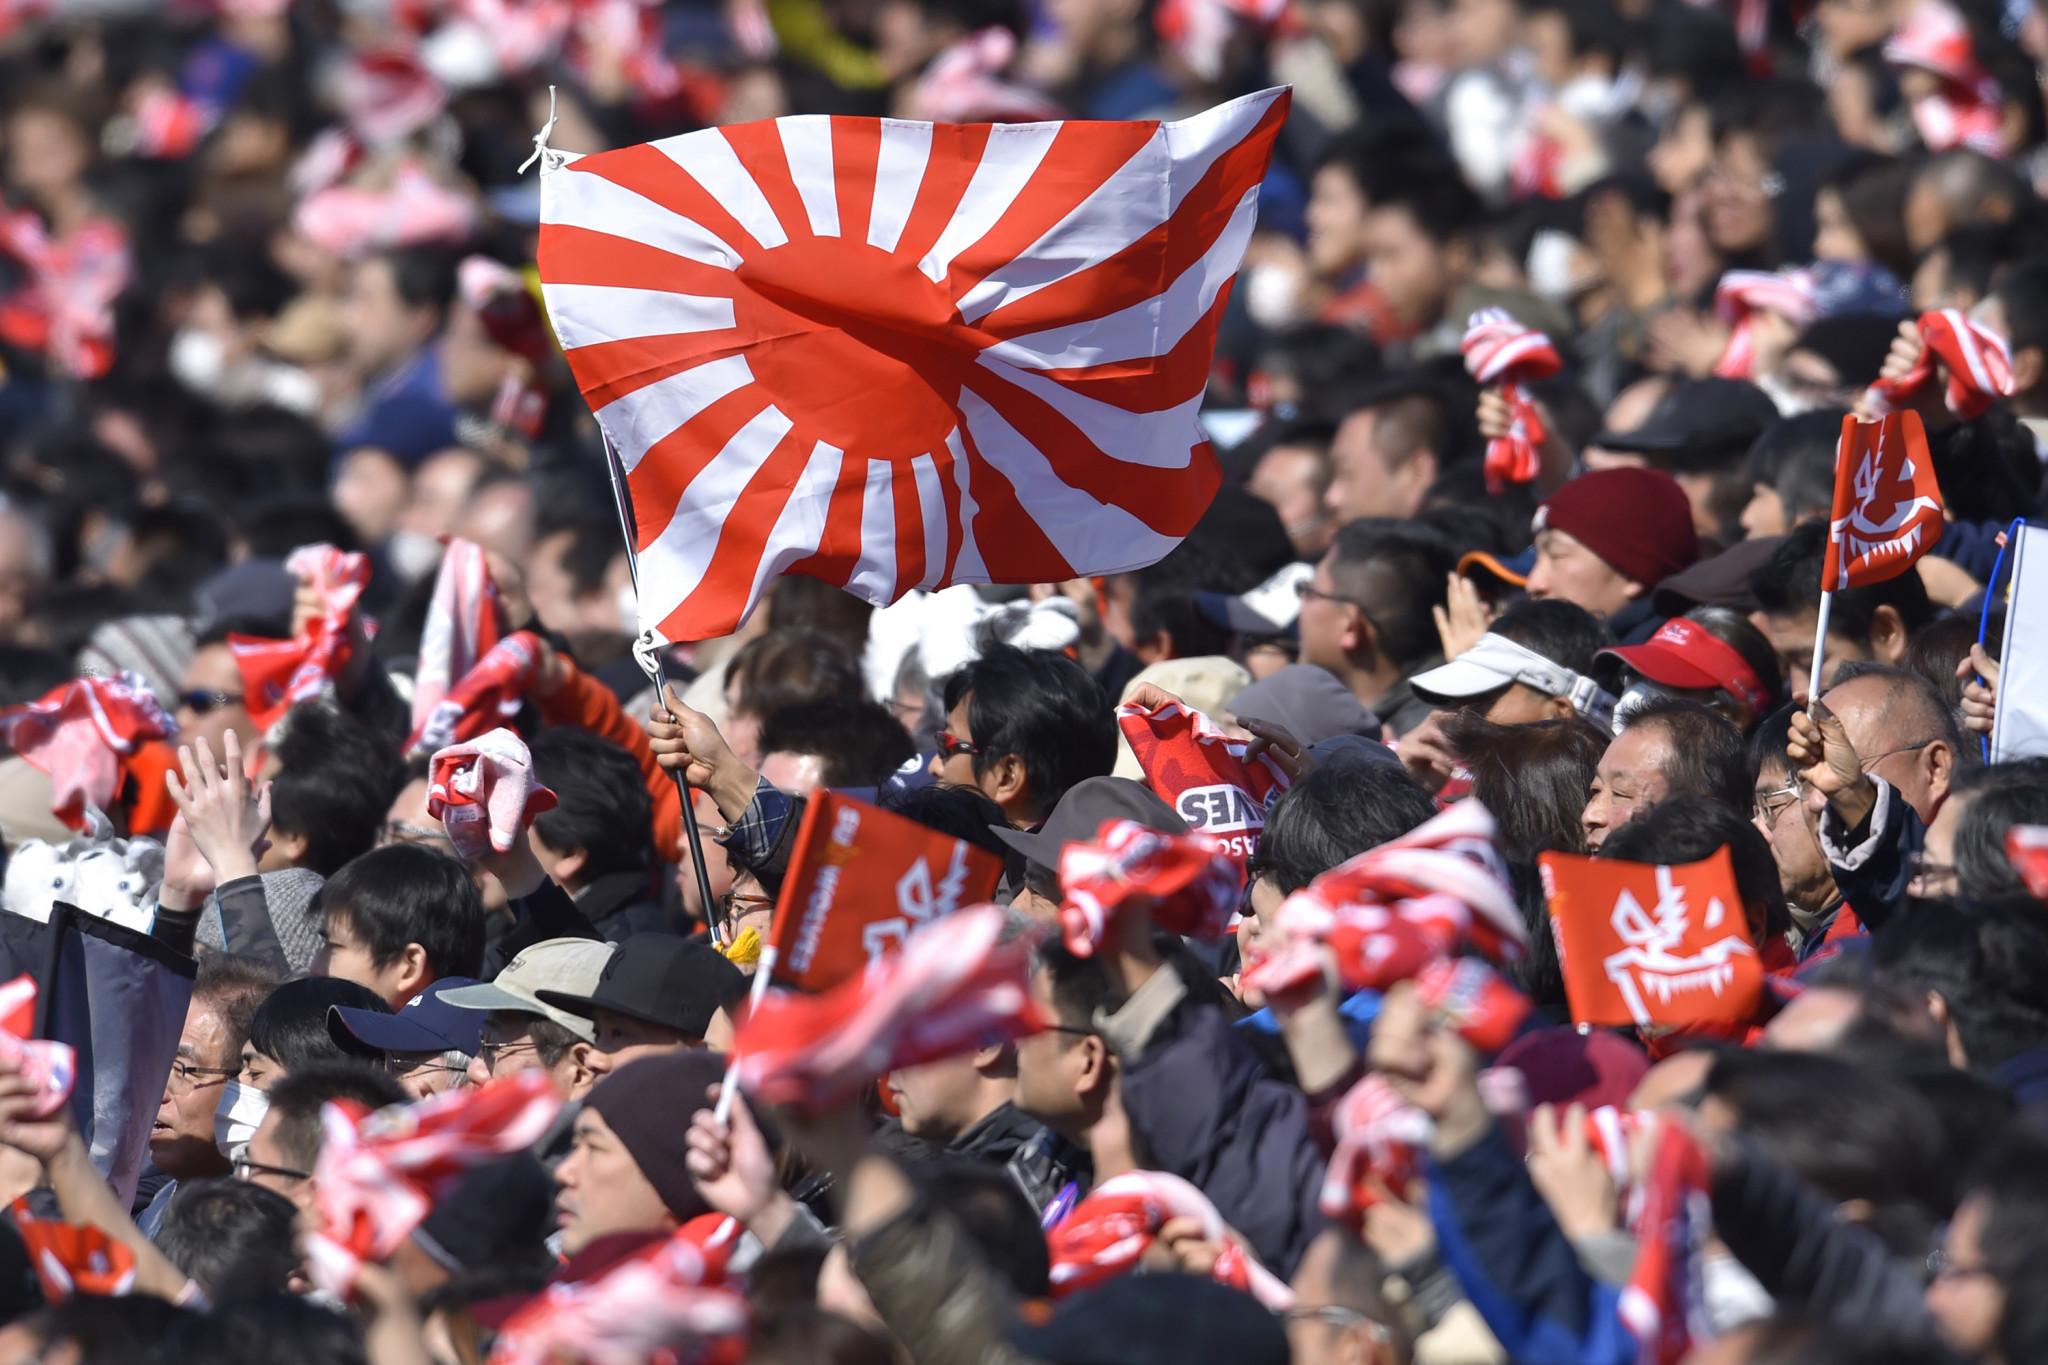 South Korea urges Japan to ban Rising Sun Flag at Tokyo 2020 as diplomatic feud continues